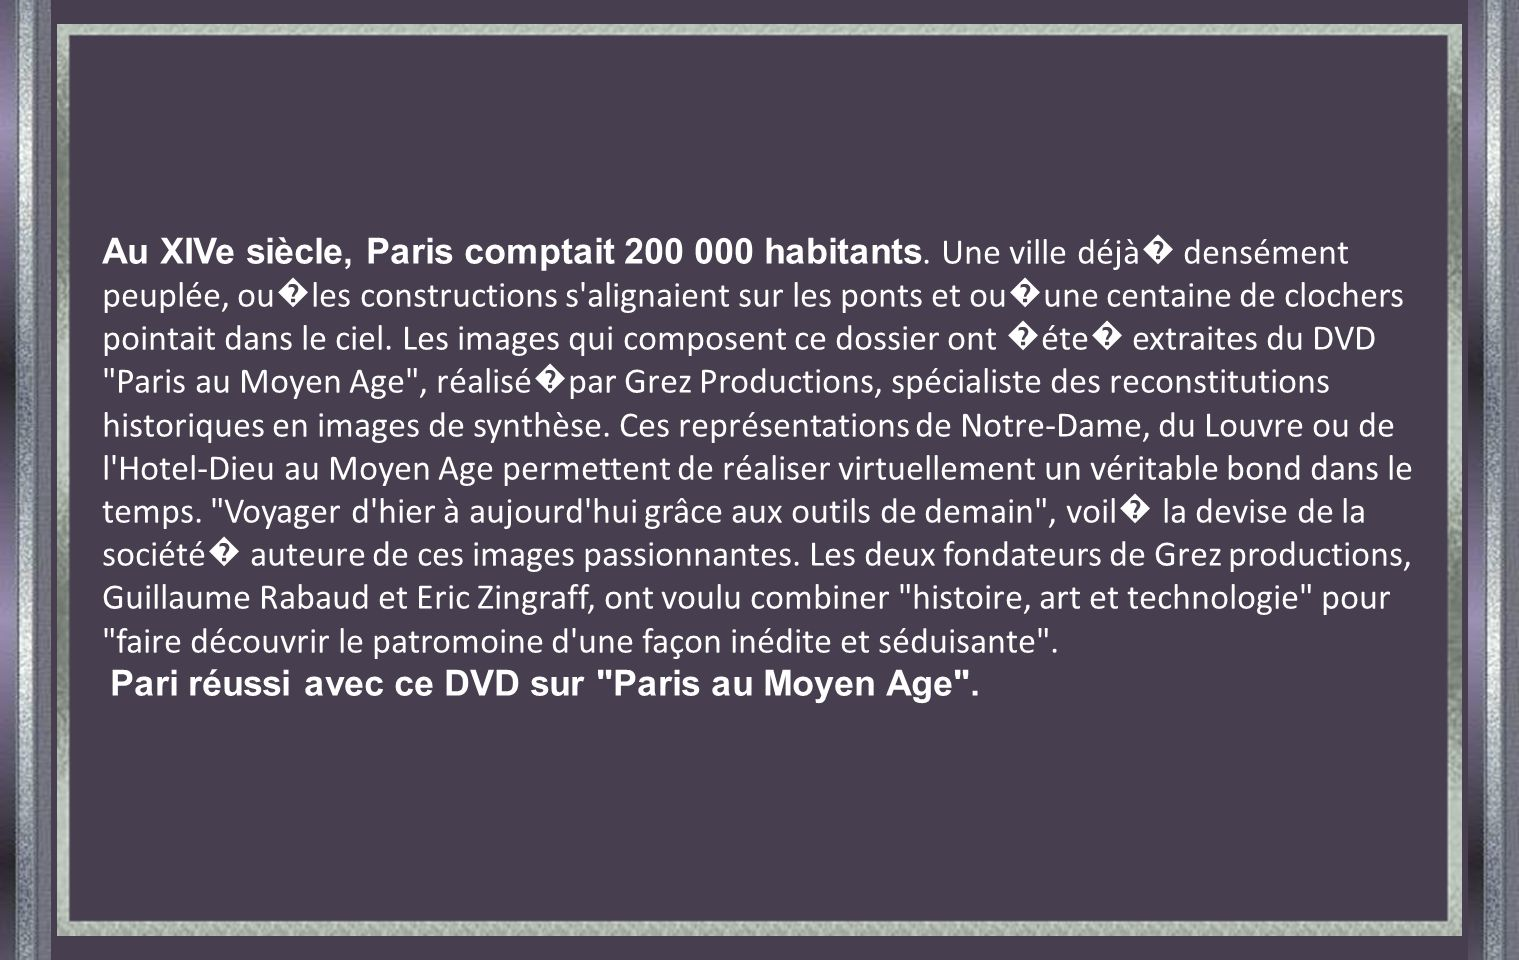 Au XIVe siècle, Paris comptait 200 000 habitants